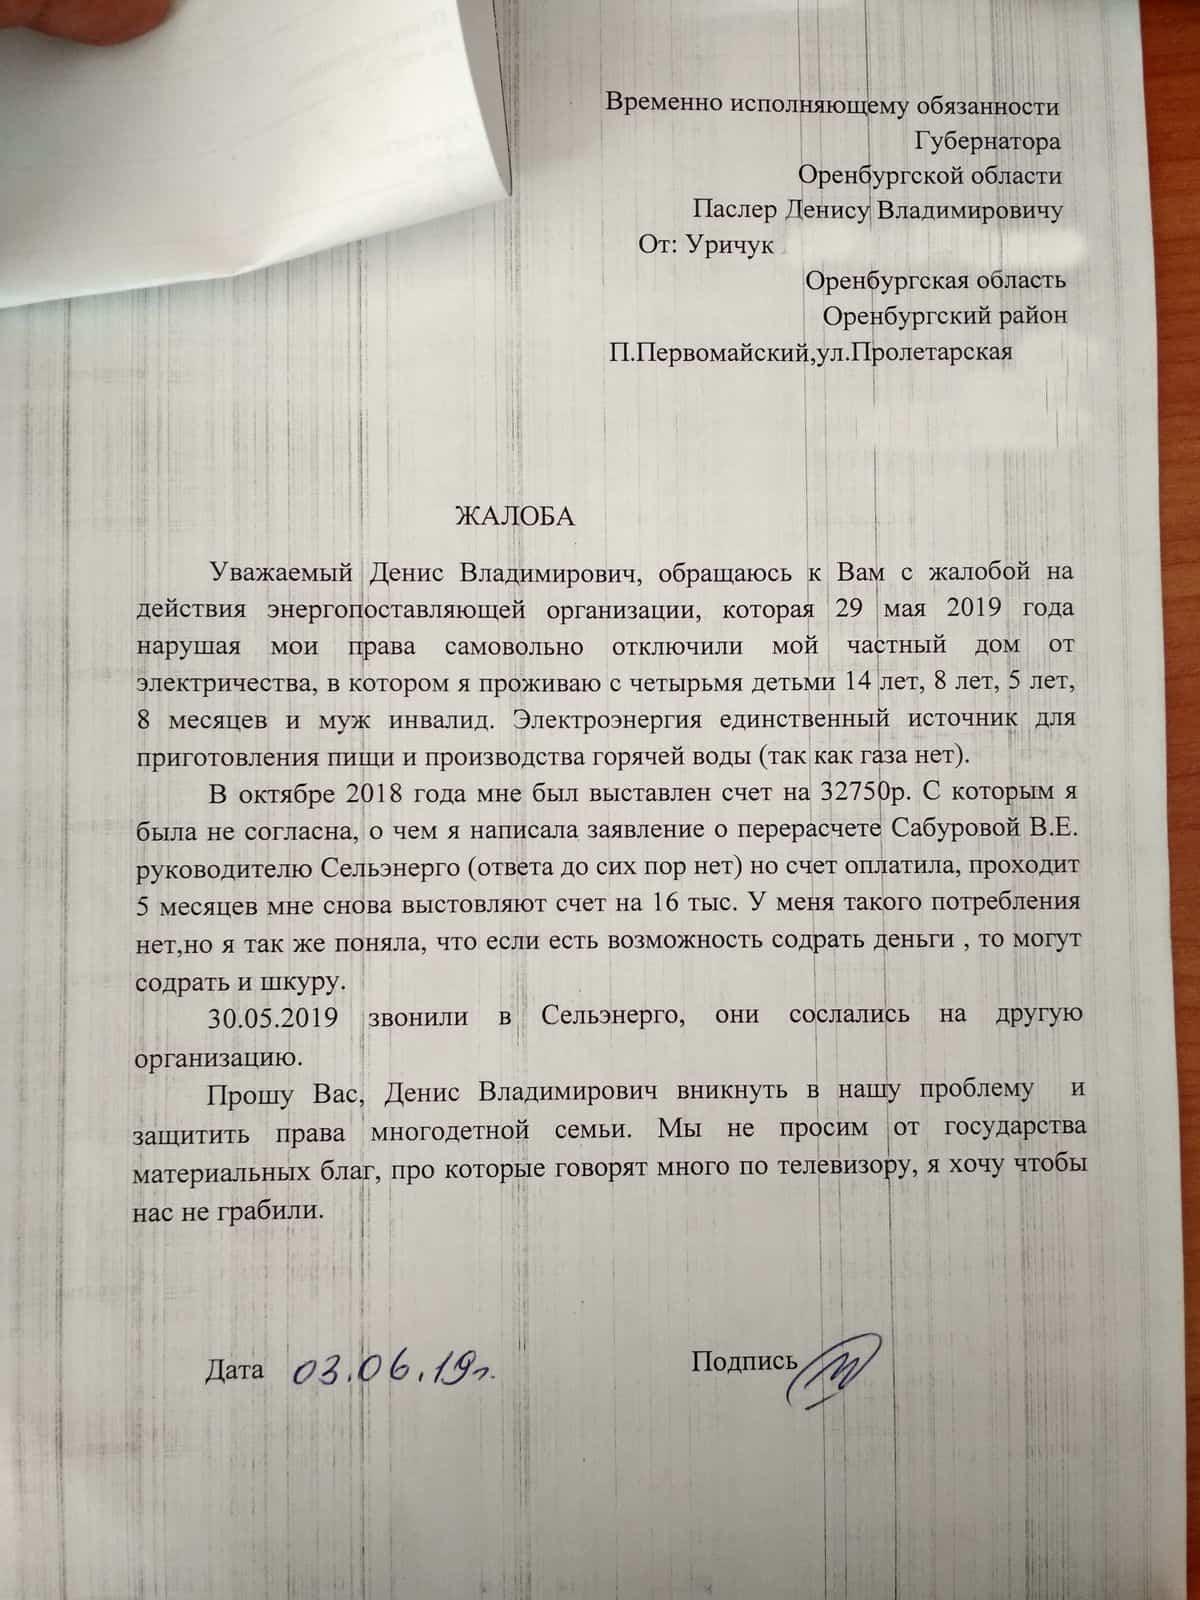 Пример жалобы губернаторы Оренбургской области